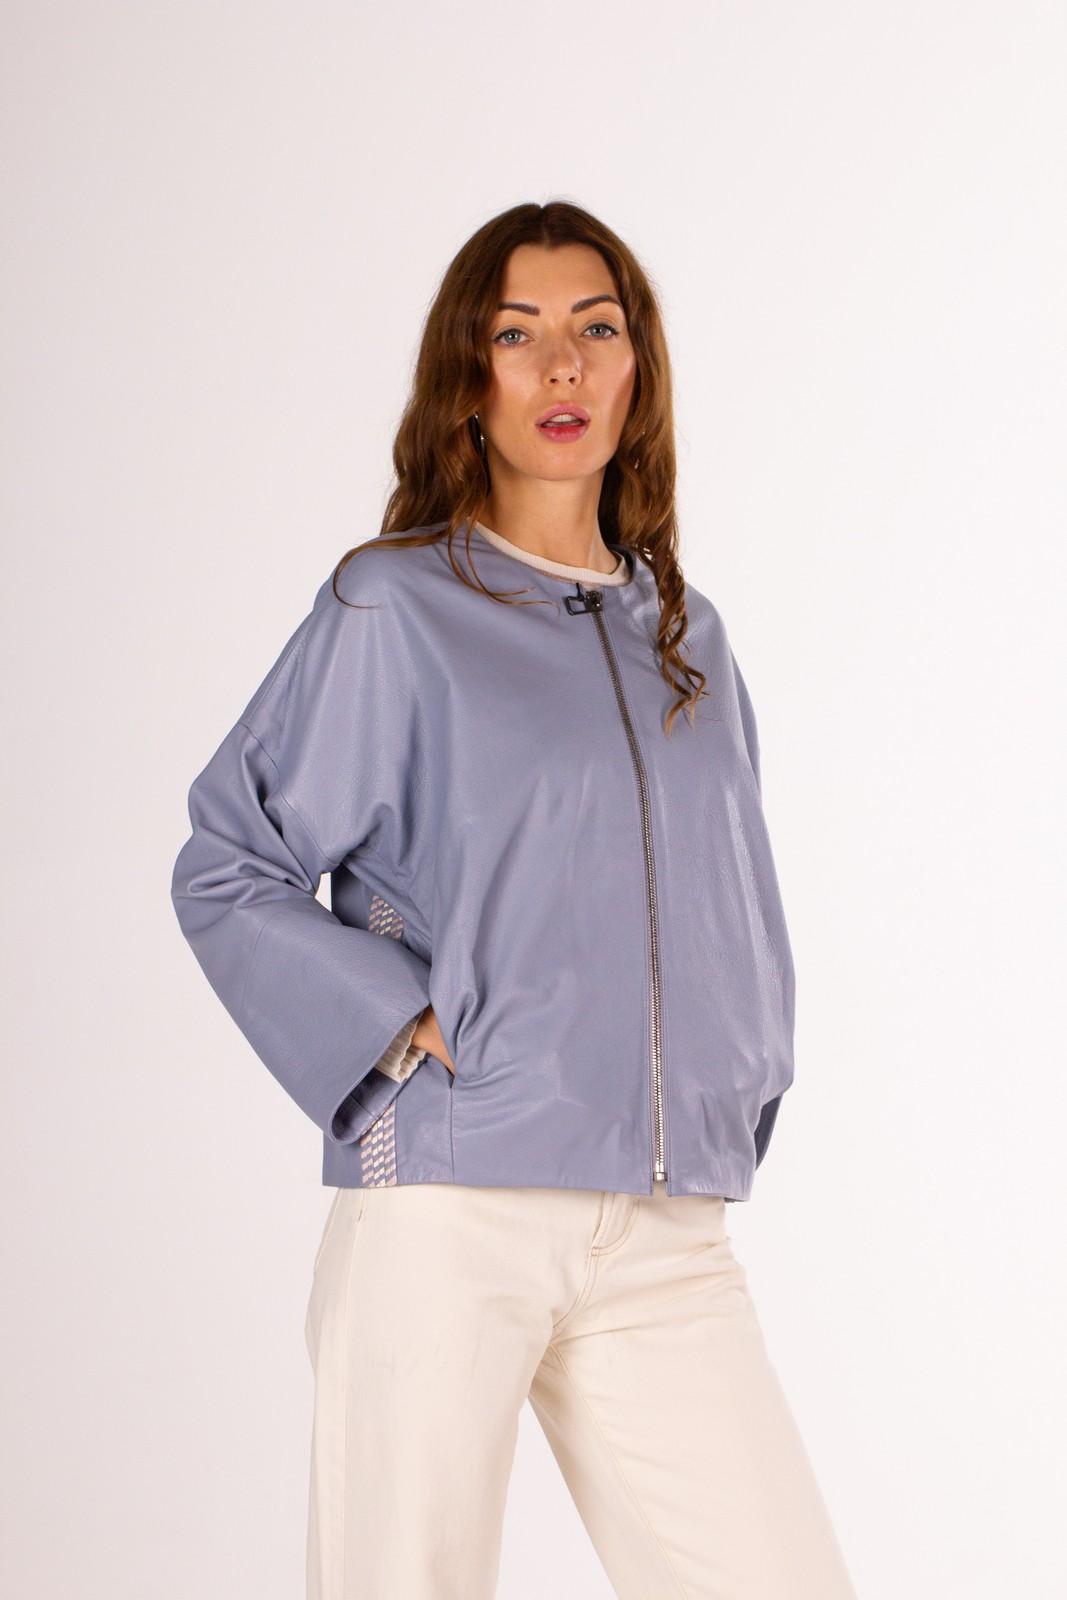 Кожаная куртка в голубом цвете 1